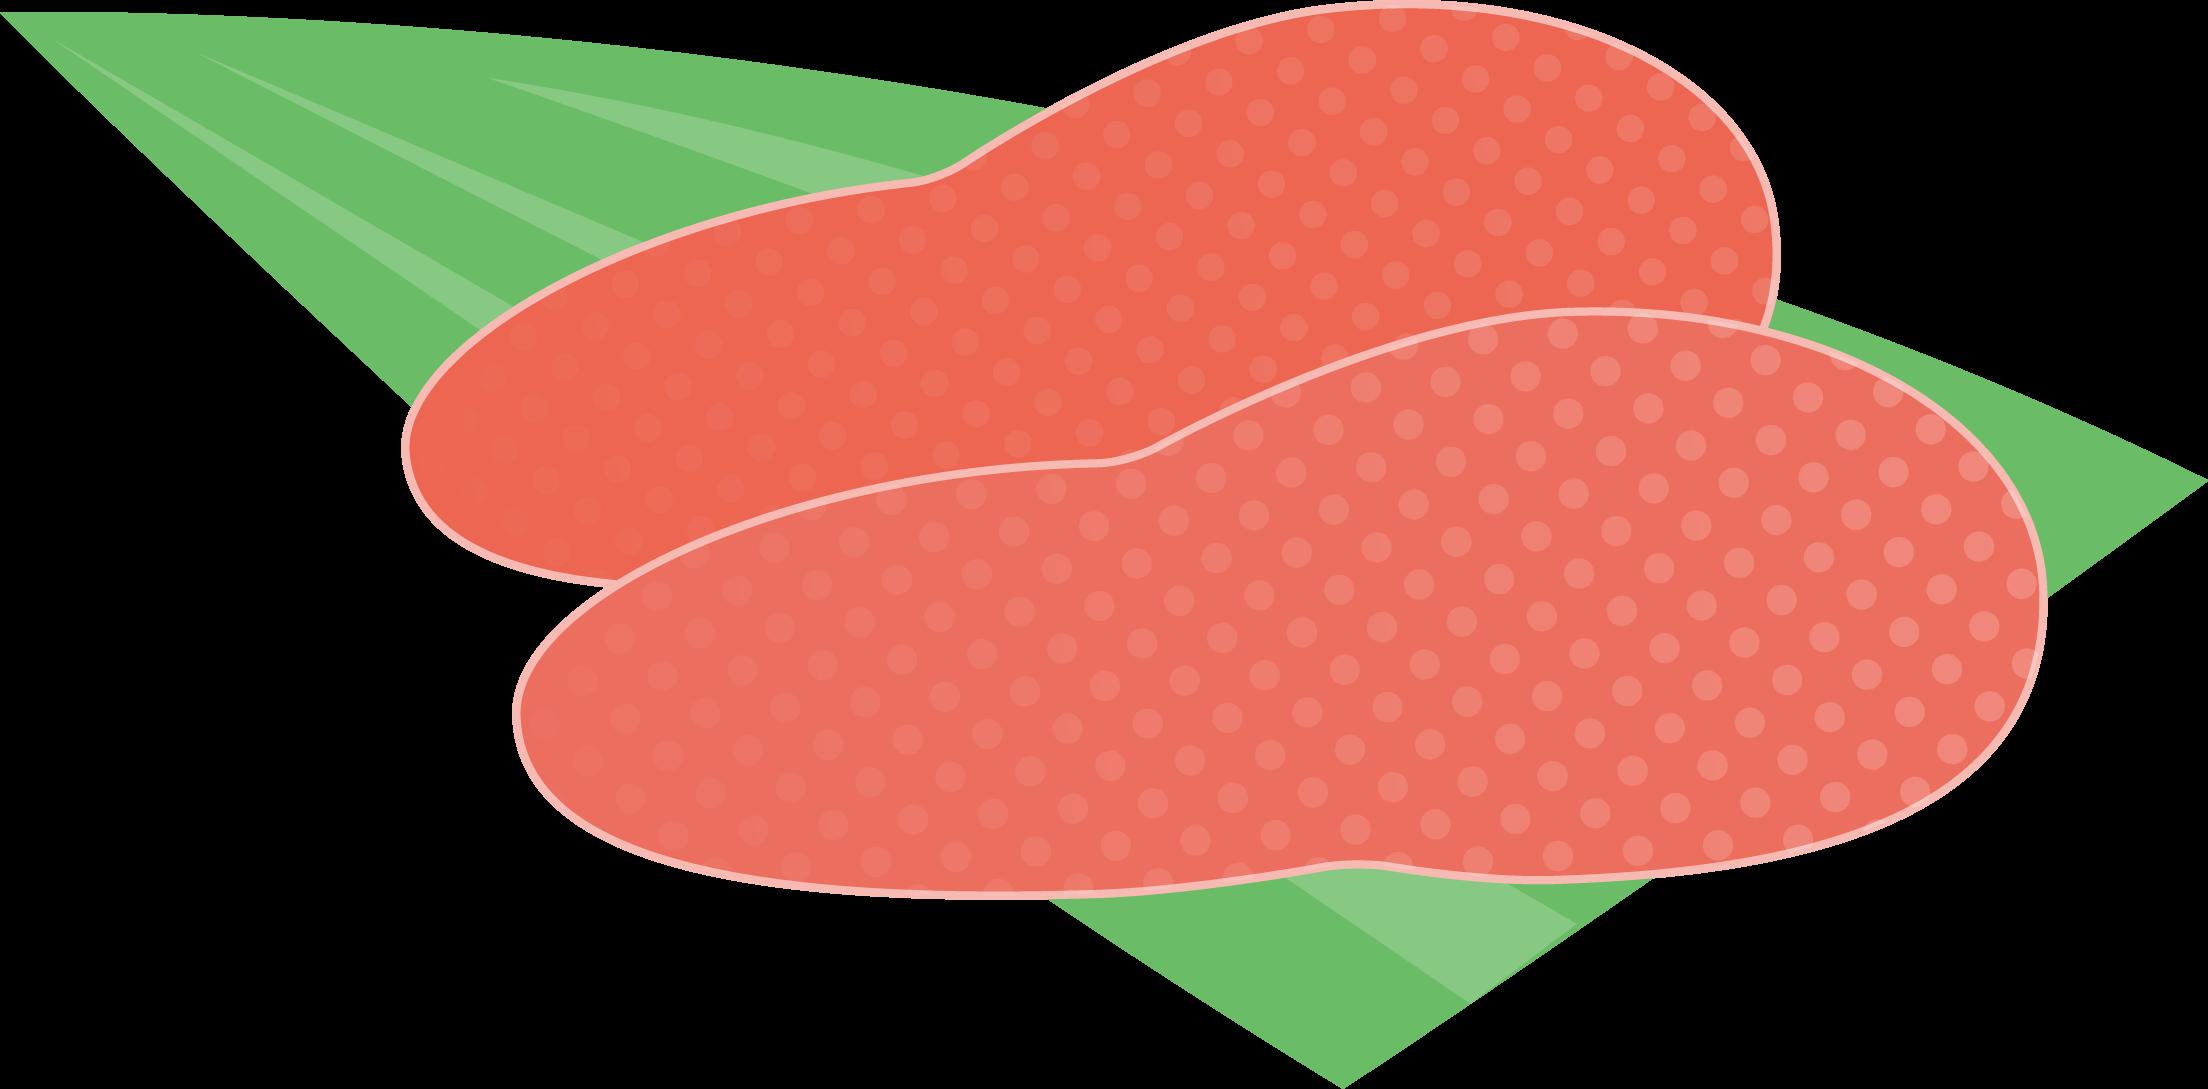 タラコ負荷試験の陽性予測には、イクラ特異的IgEとタラコ特異的IgE抗体価比が有用である